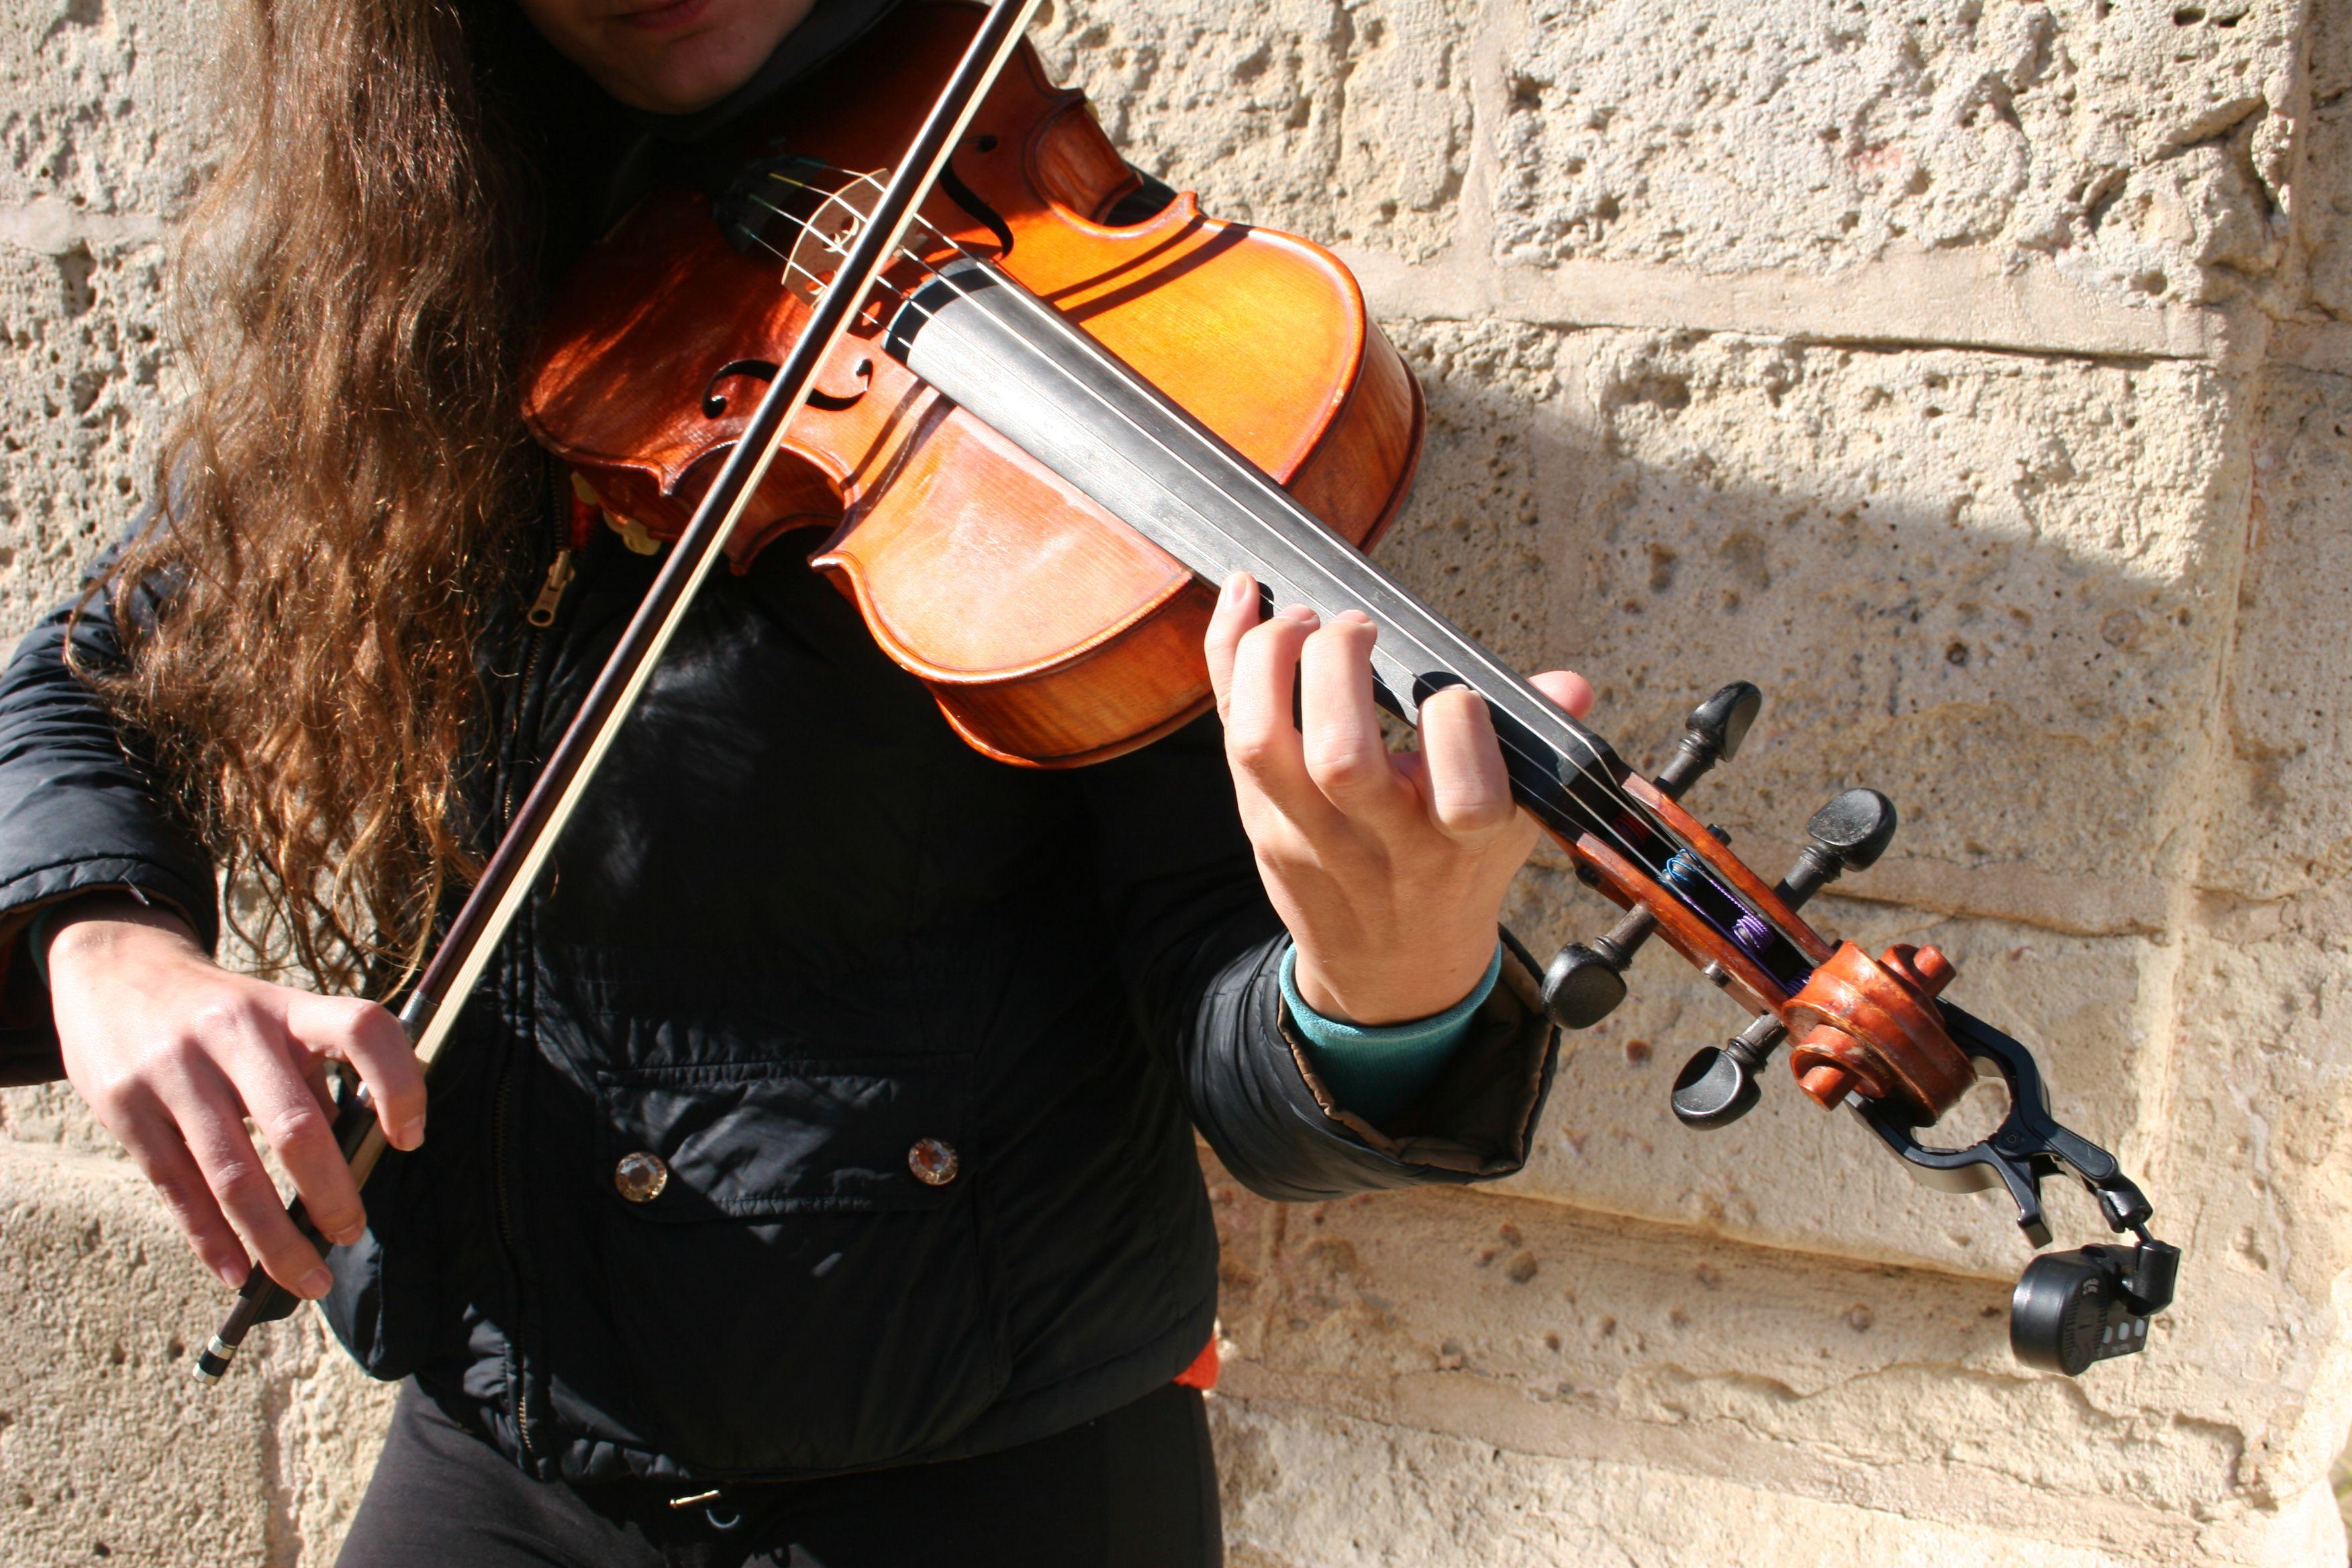 Detalle de la cantante tocando su instrumento, la viola.